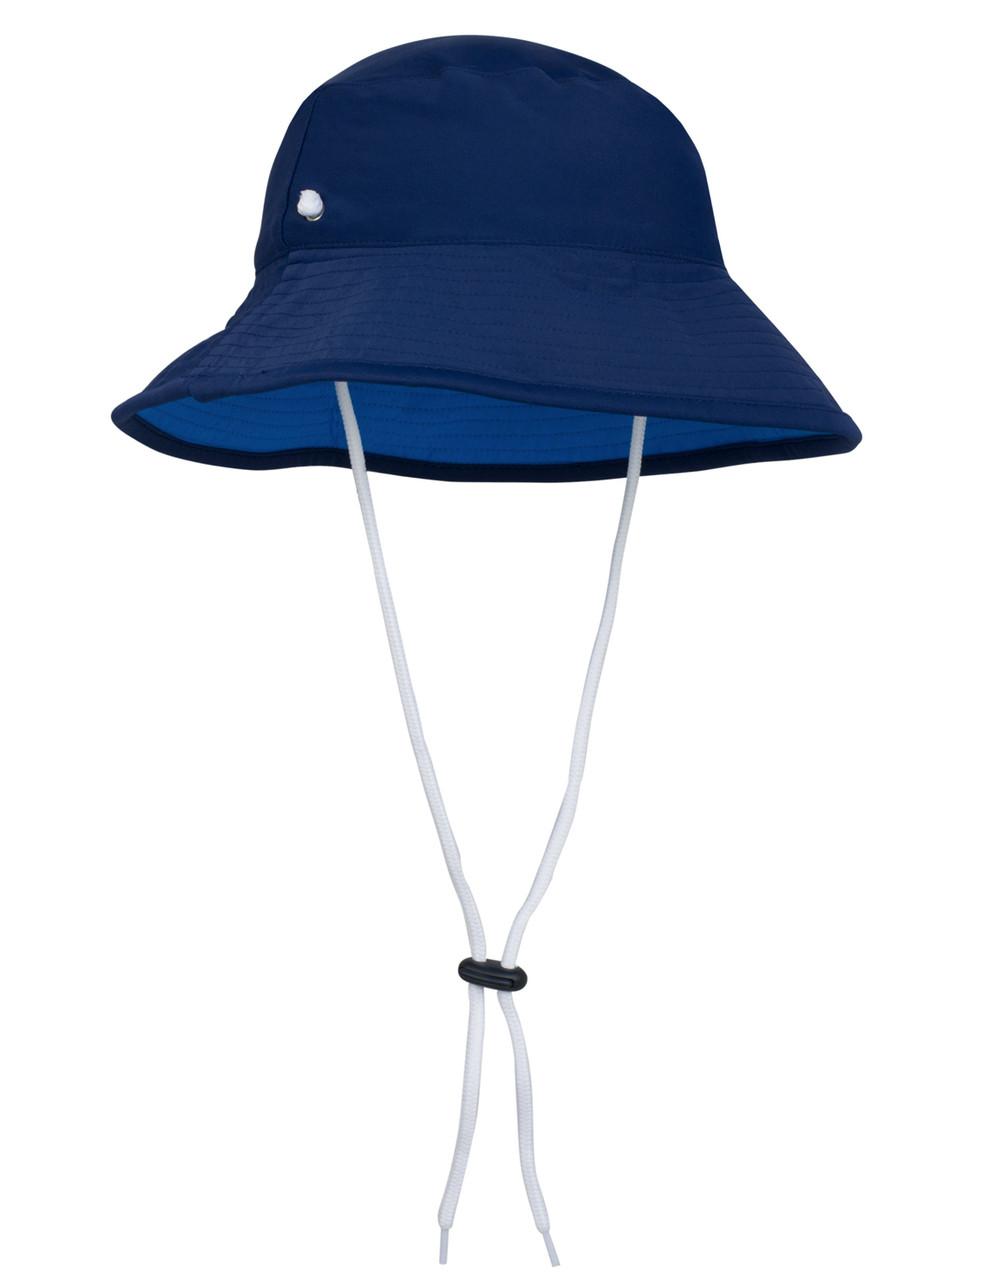 d3d3bd3a Tuga Reversible UV Bucket Hat Navy/Sky | Boys UV Hats